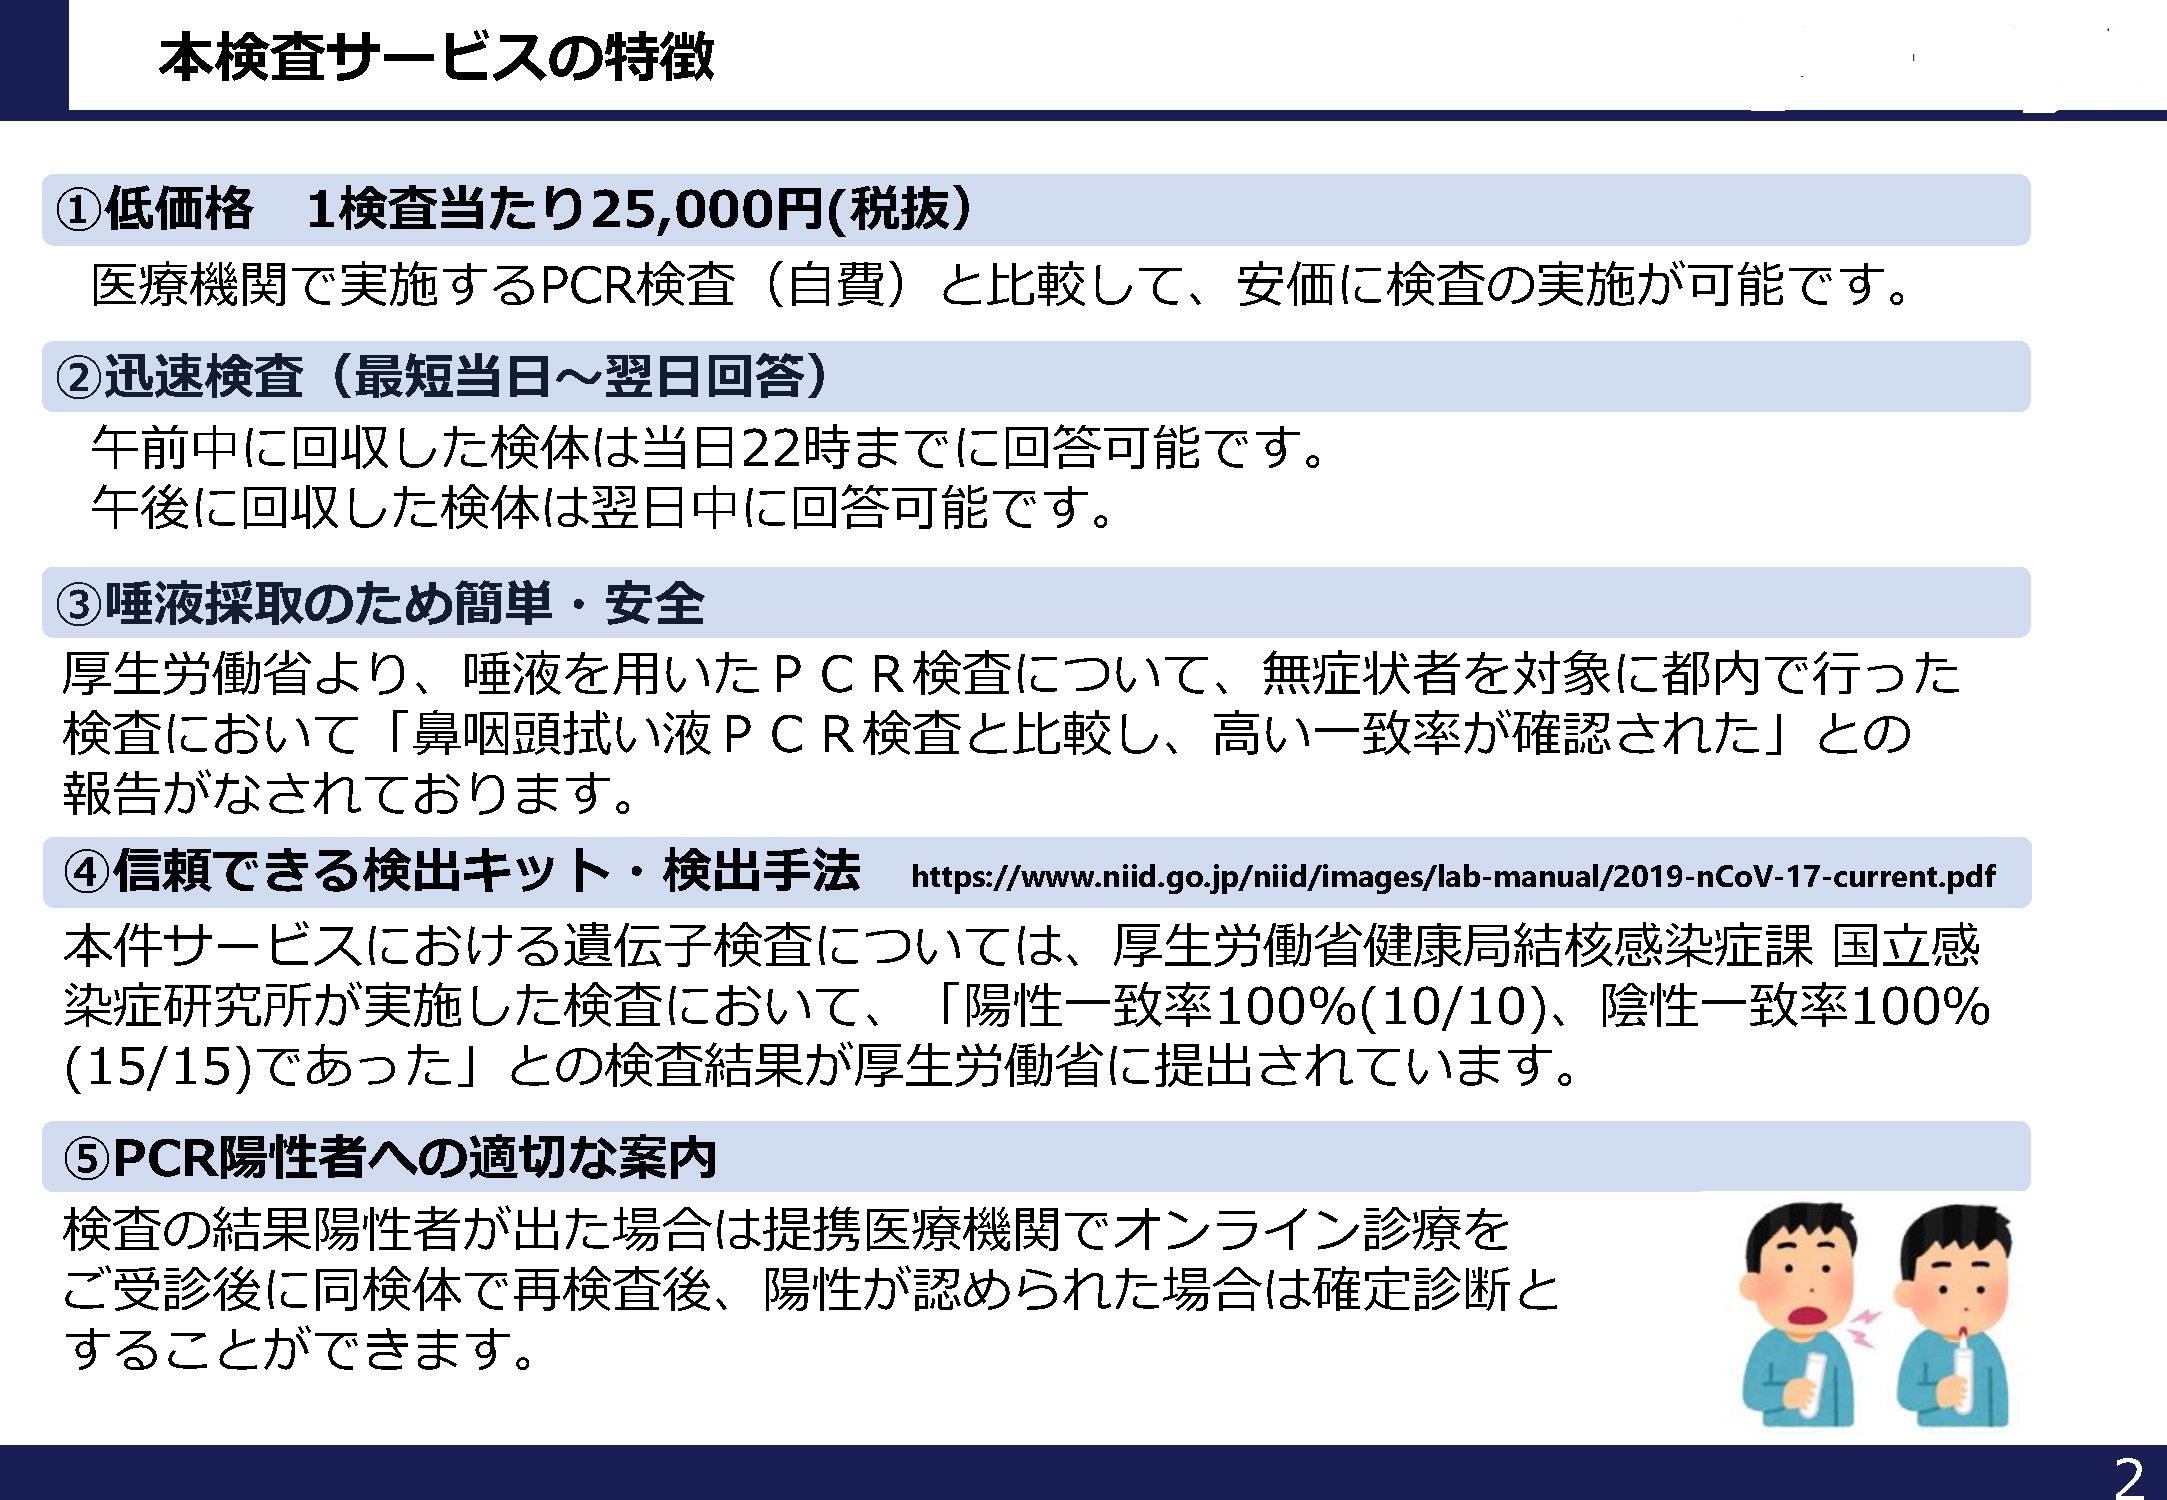 新型コロナウイルス-PCR-スクリーニング検査サービス-キット‐販売2